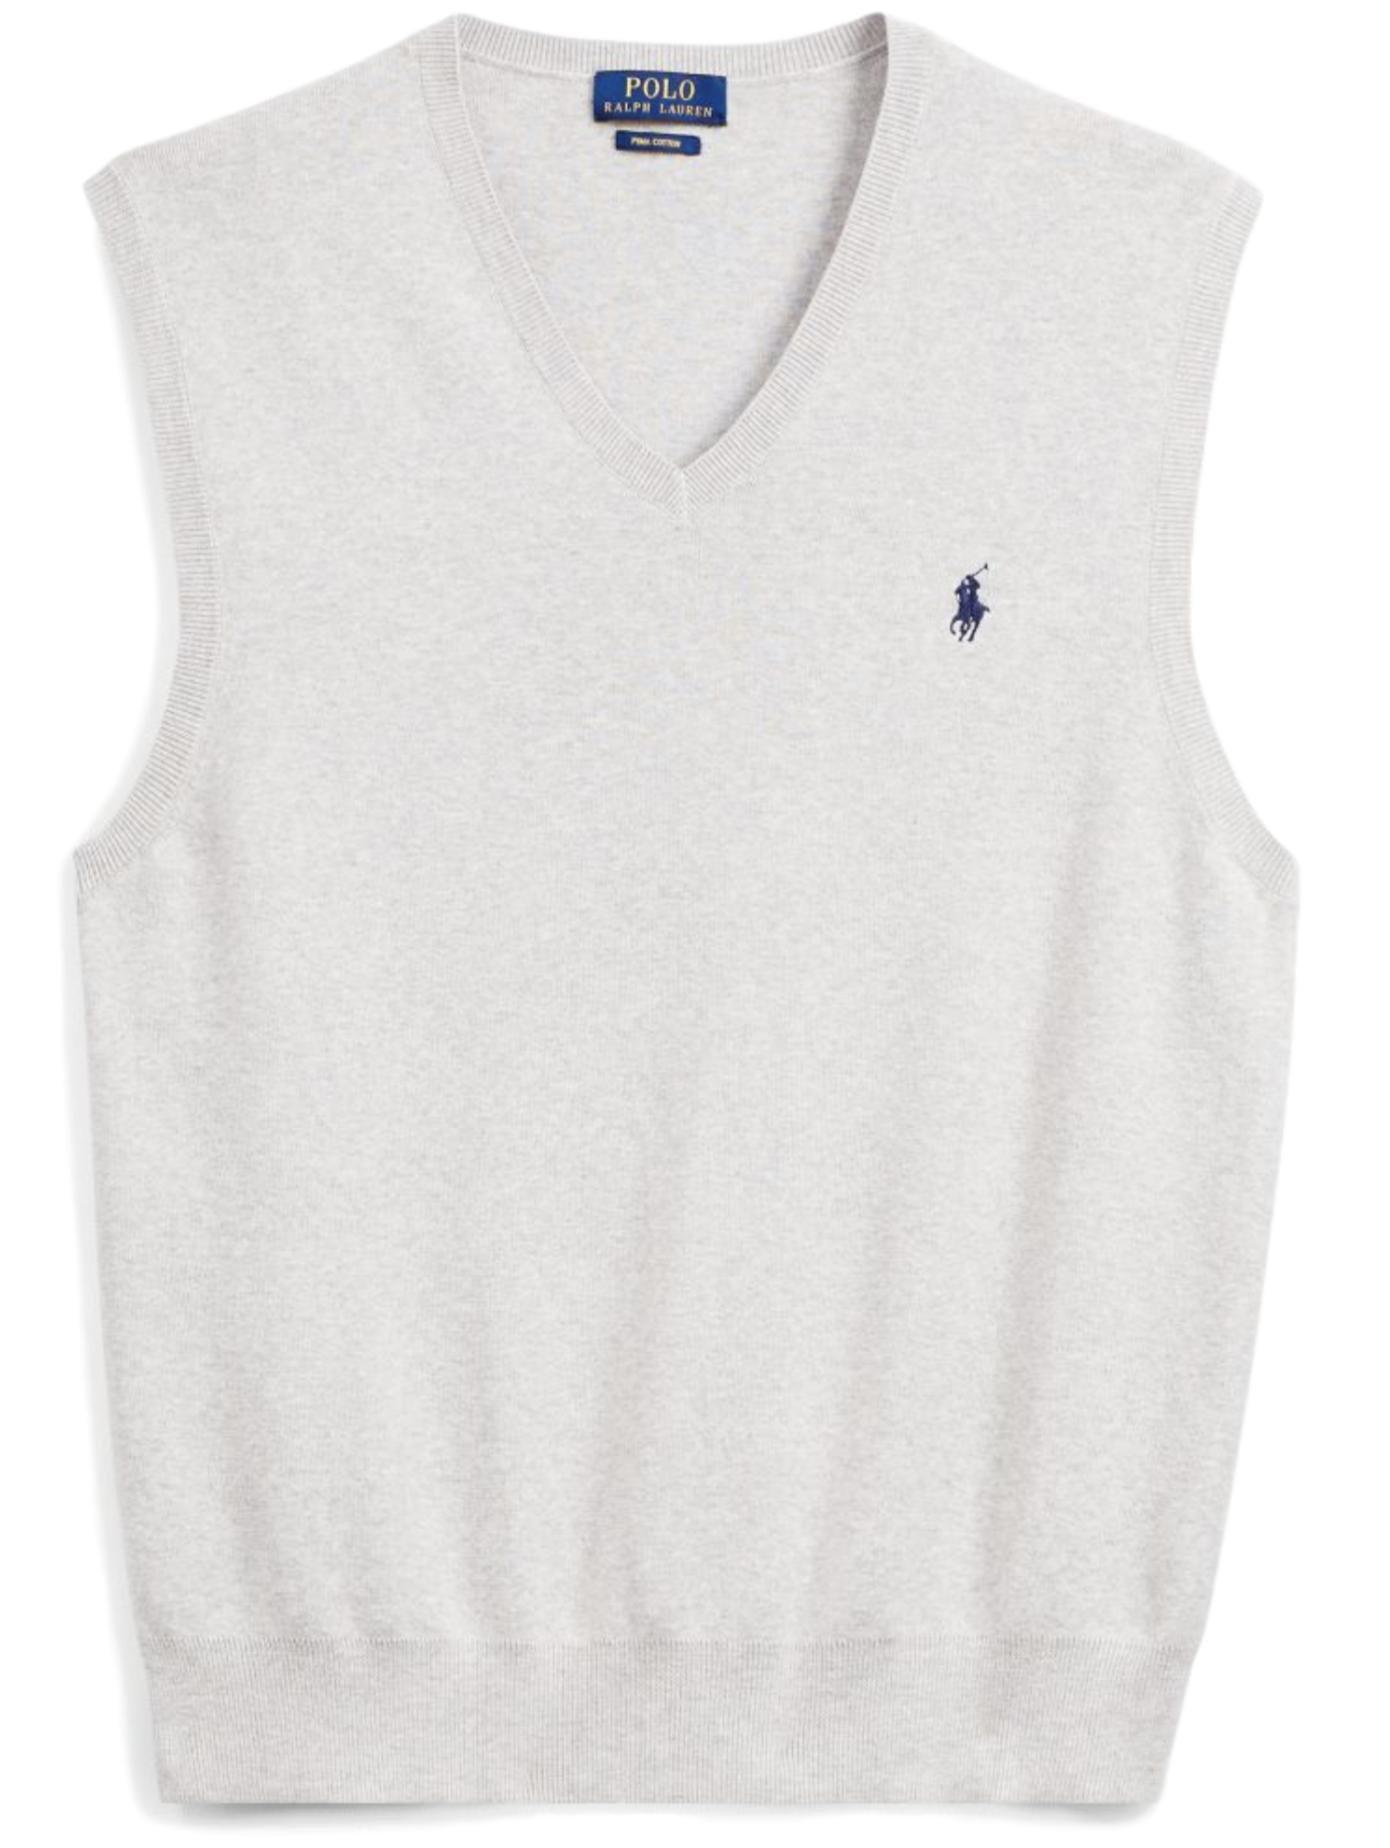 Polo Ralph Lauren Men's Pima Cotton Sweater Vest, M, Lite Grey HTH-